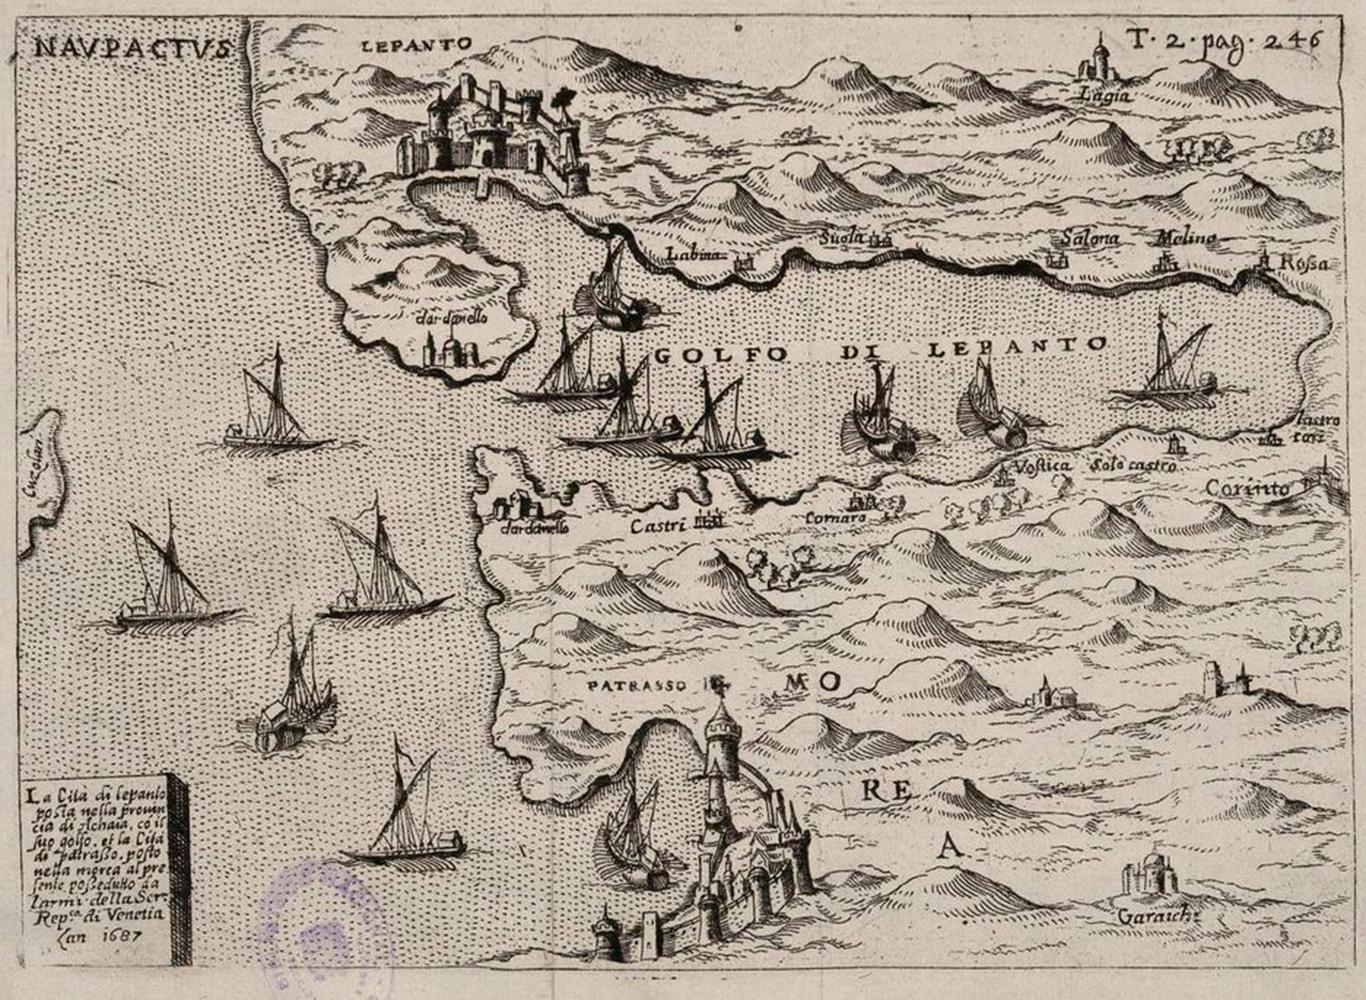 [Historia] Se cumplen 445 años de la batalla de Lepanto, la humillación de Don Juan de Austria al Imperio otomano Lepanto_batalla1